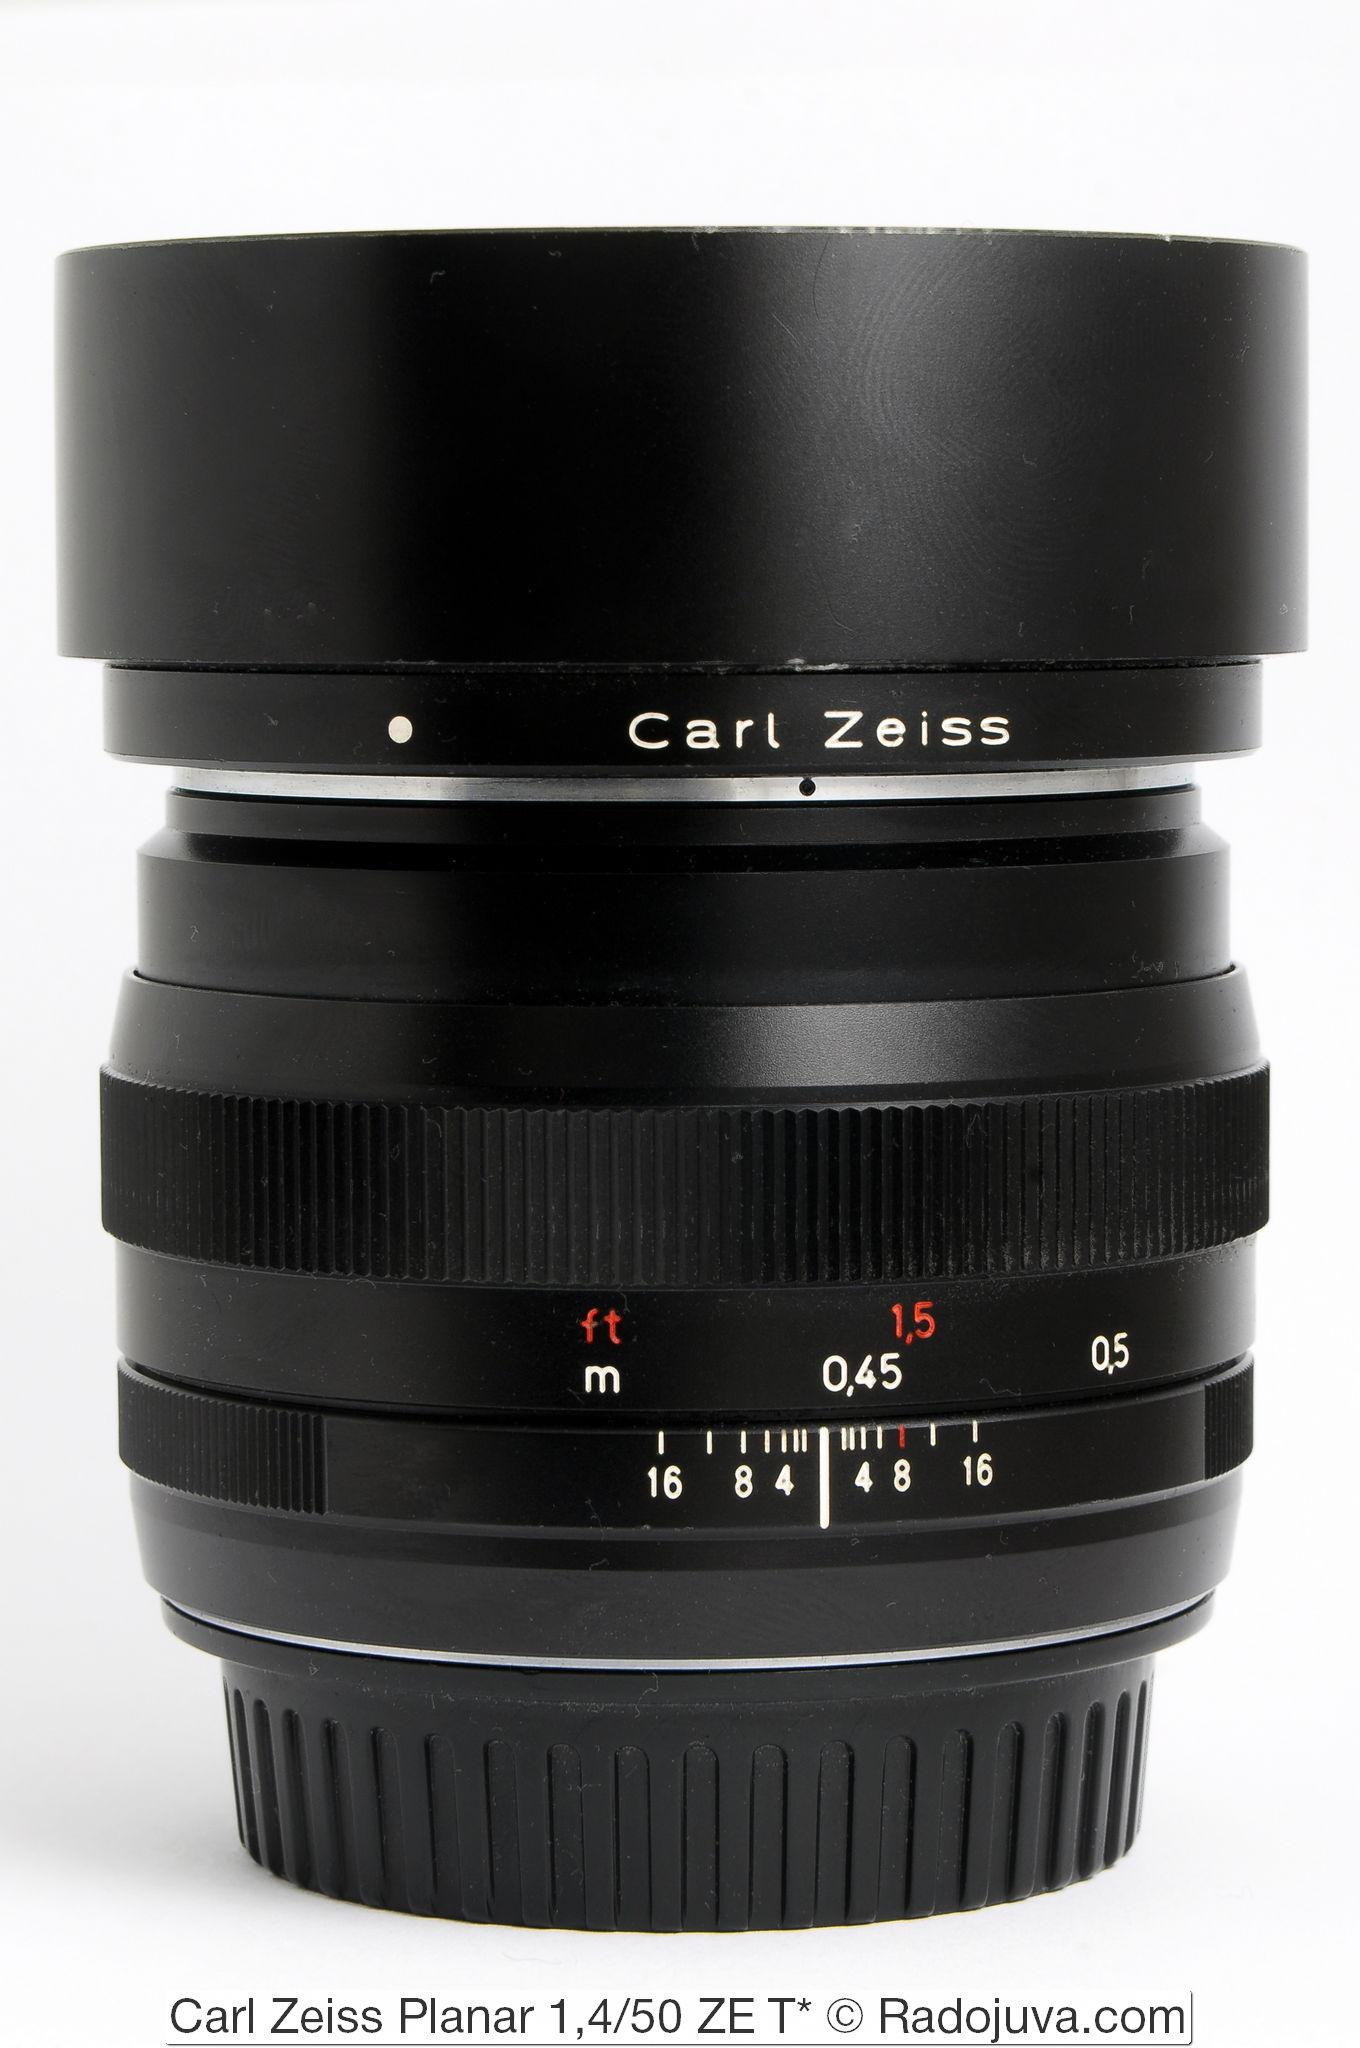 Carl Zeiss Planar 1,4/50 ZE T* с оригинальной металлической блендой